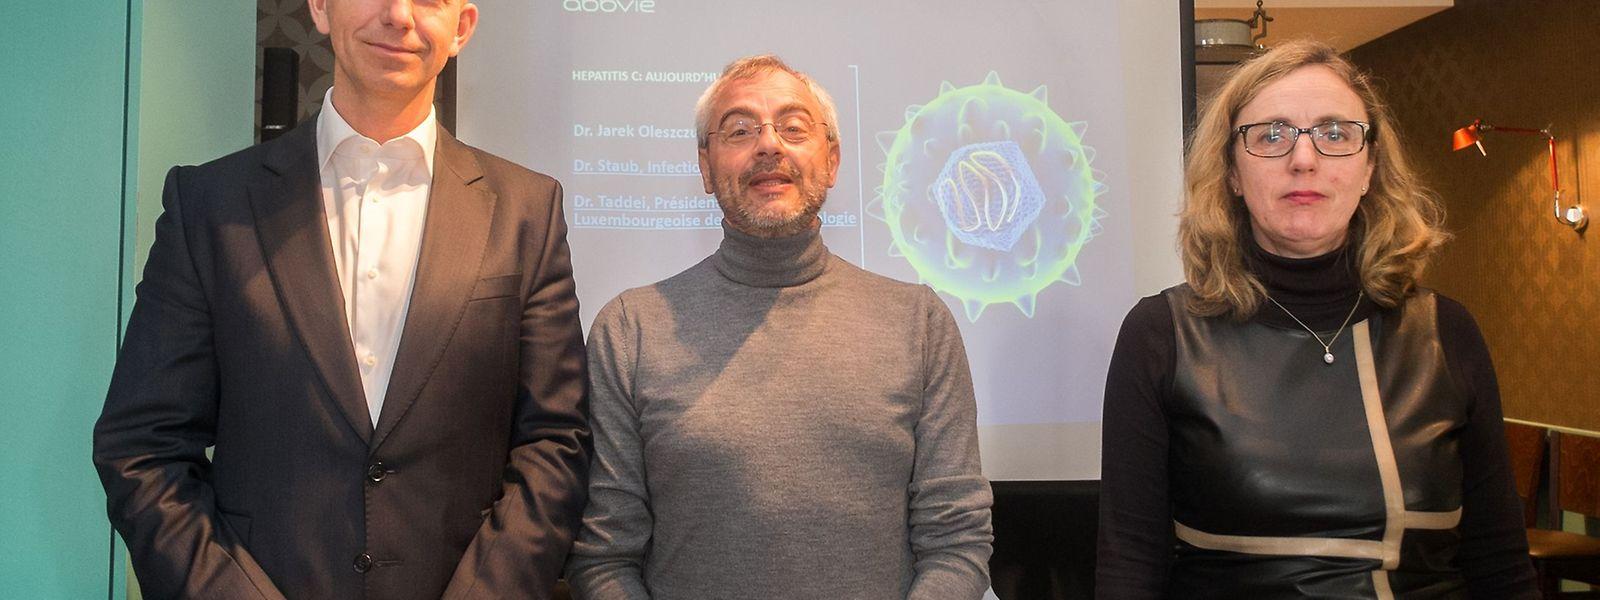 (V.l.n.r.) Dr. Jarek Oleszczuk, Direktor des Pharmakonzerns Abbvie für Belgien/Luxemburg, Dr. Gennaro Taddei (Gastroenterologe) und Dr. Thérèse Staub (Infektiologin) stellten das Heilmittel vor.